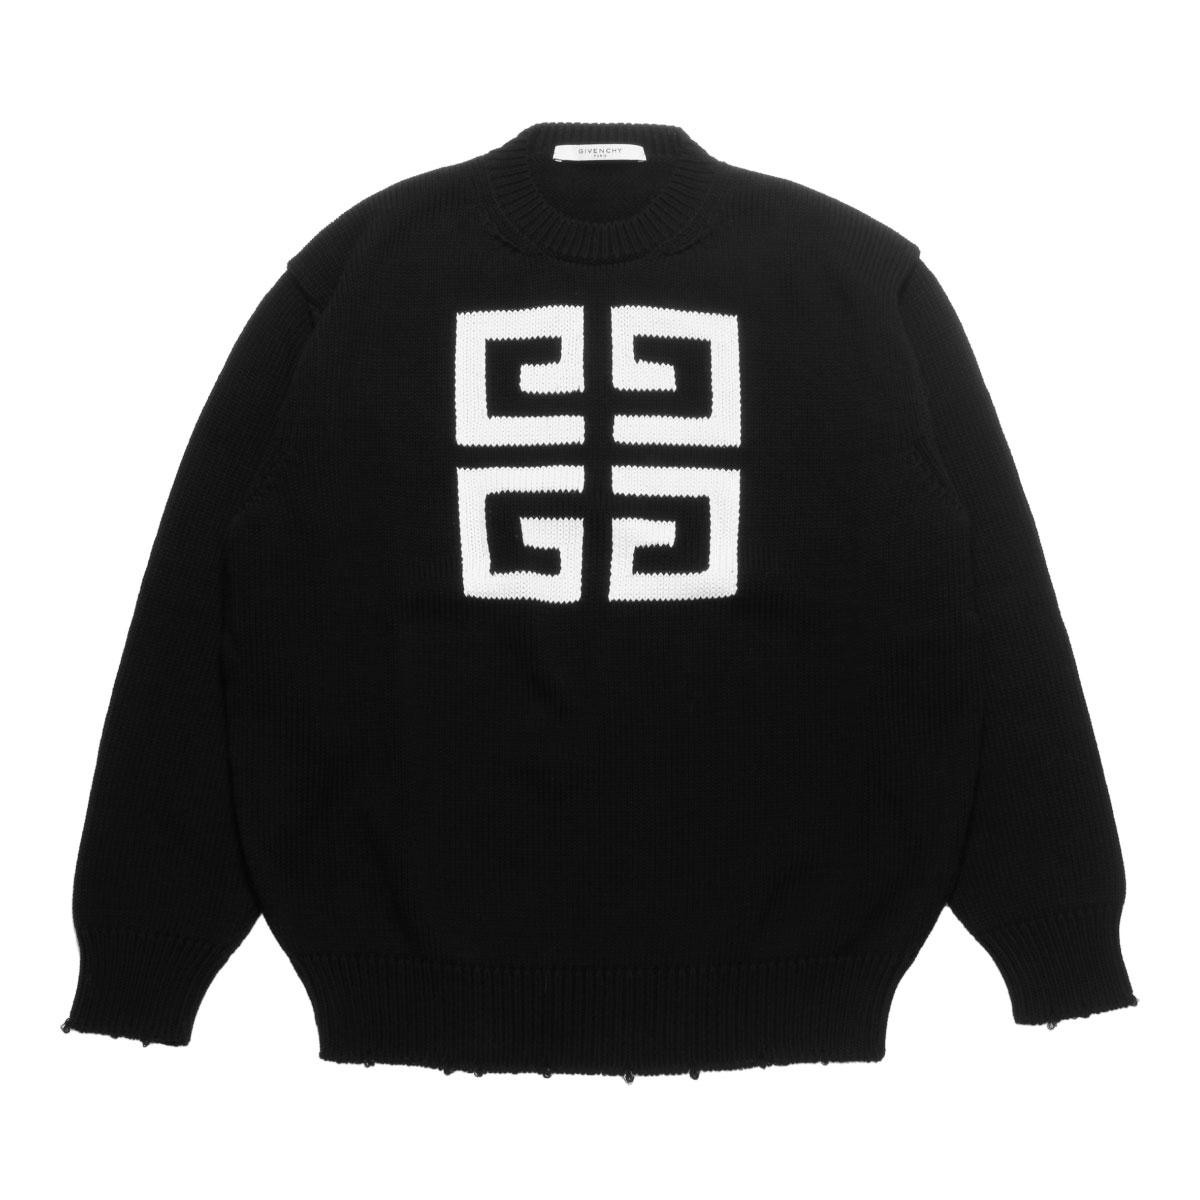 ジバンシー GIVENCHY ニット レディース BW903D4Z2E 004 長袖ニット BLACK/WHITE ブラック